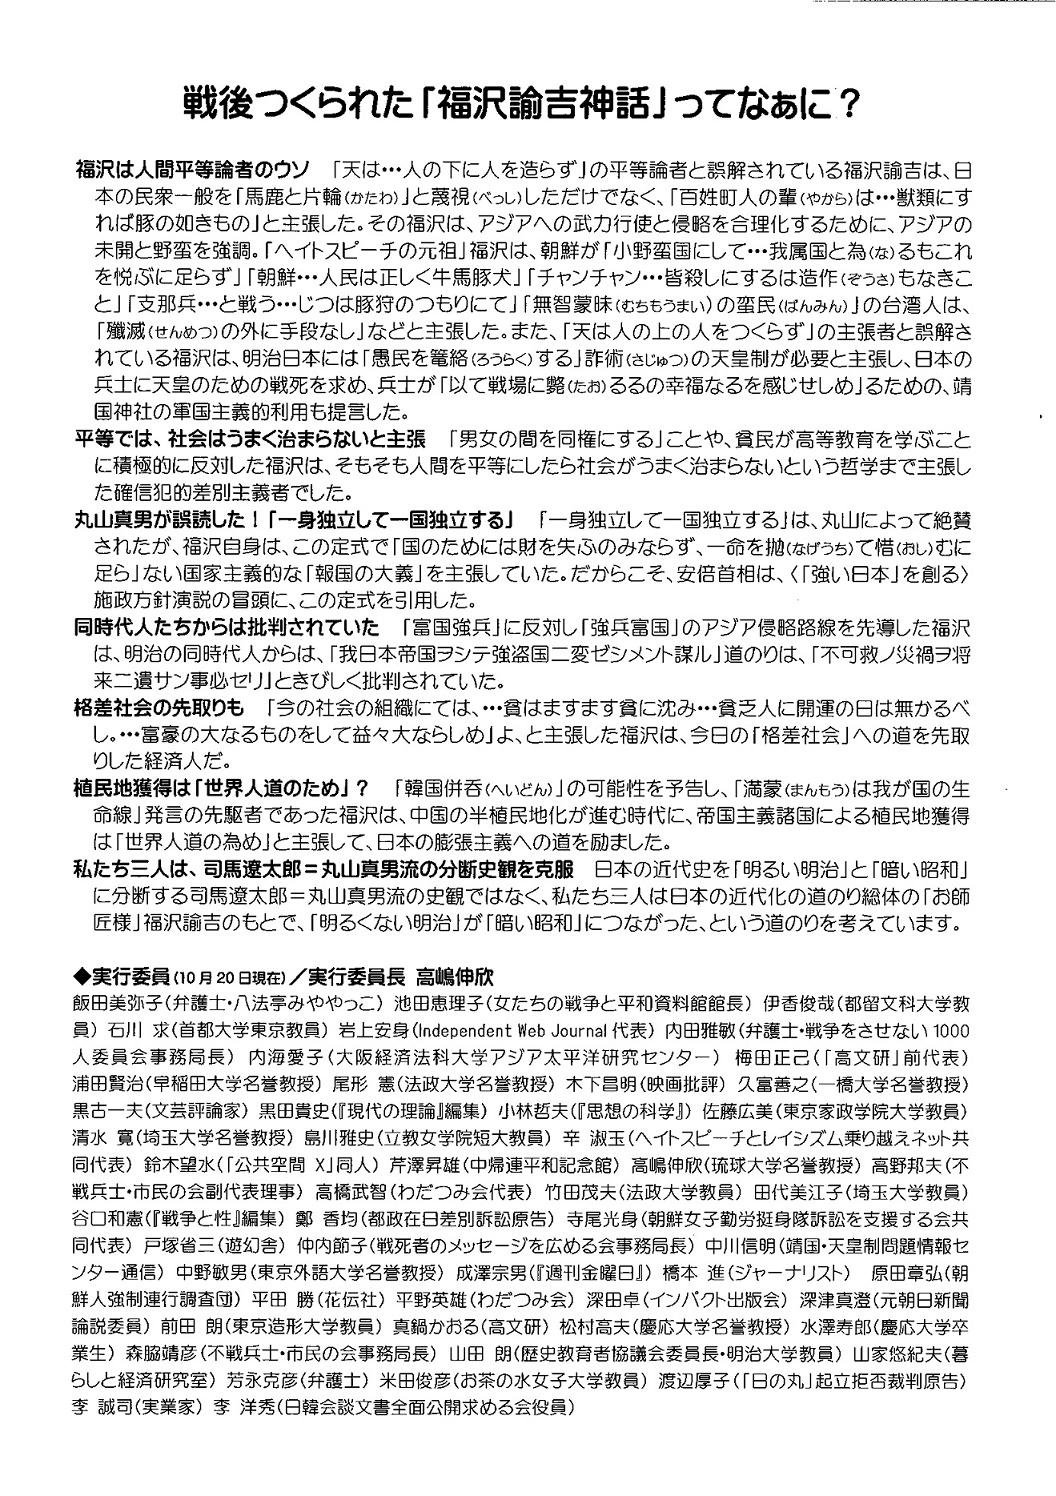 Hukuzawayukitisinpo2